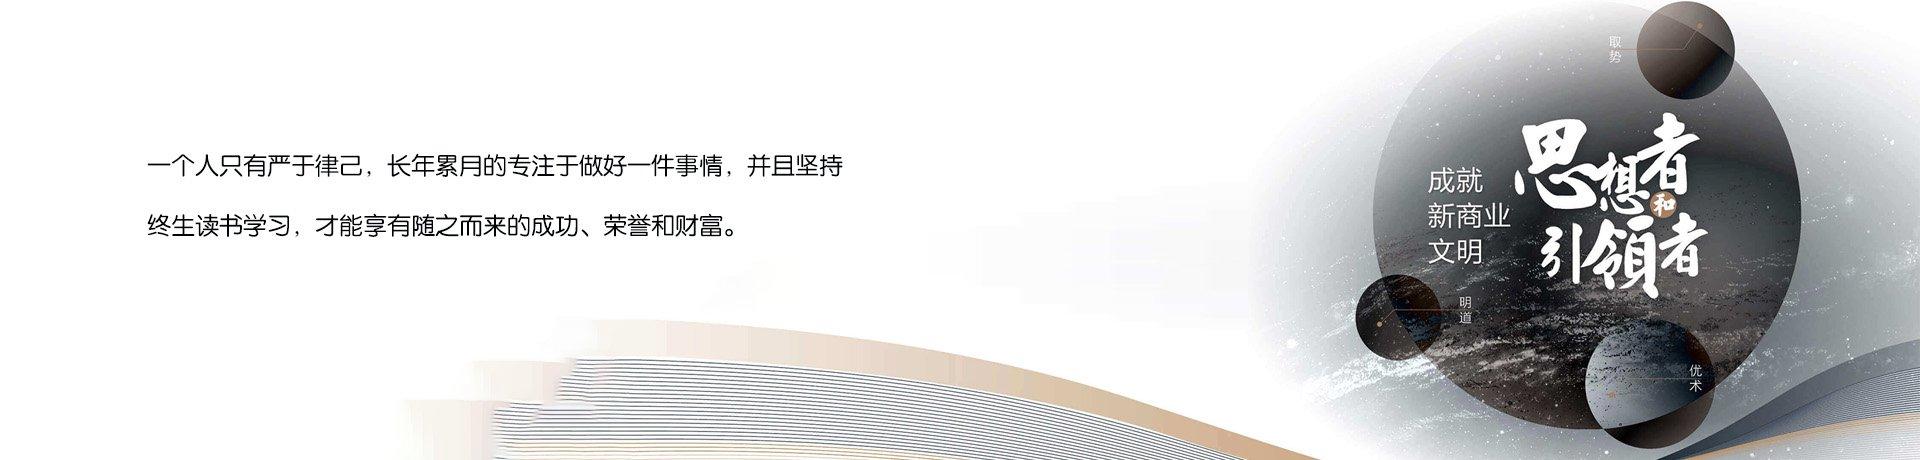 武汉公司管理培训课程